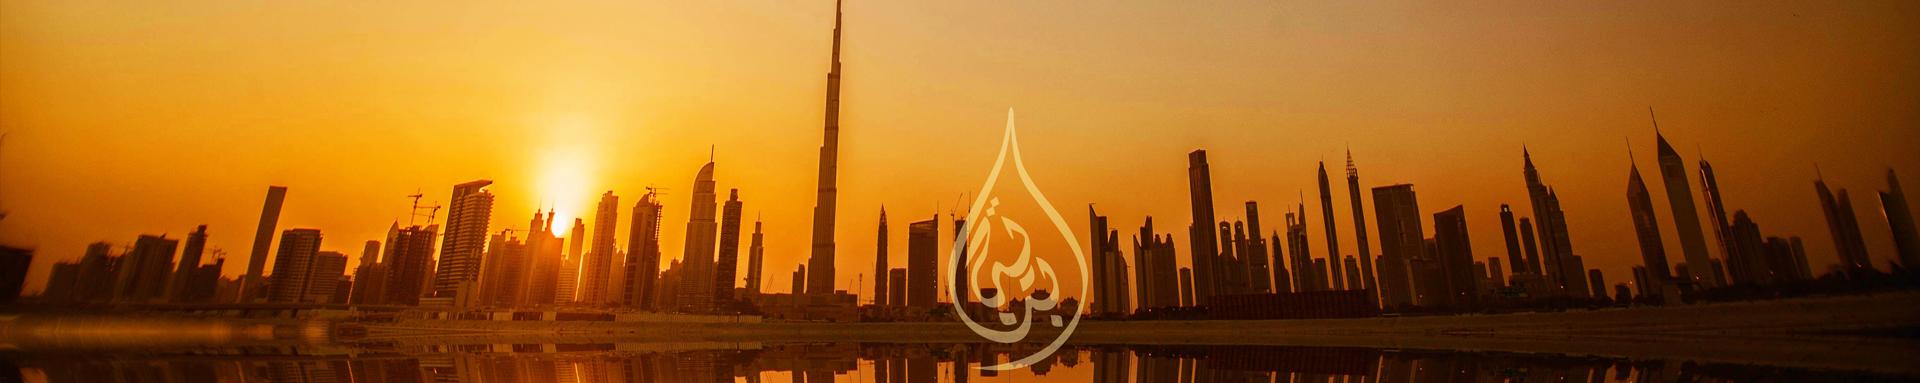 Palm Jumeirah Dubai Floor Plans - Apartments and Villas Floor Plans Available in Dubai